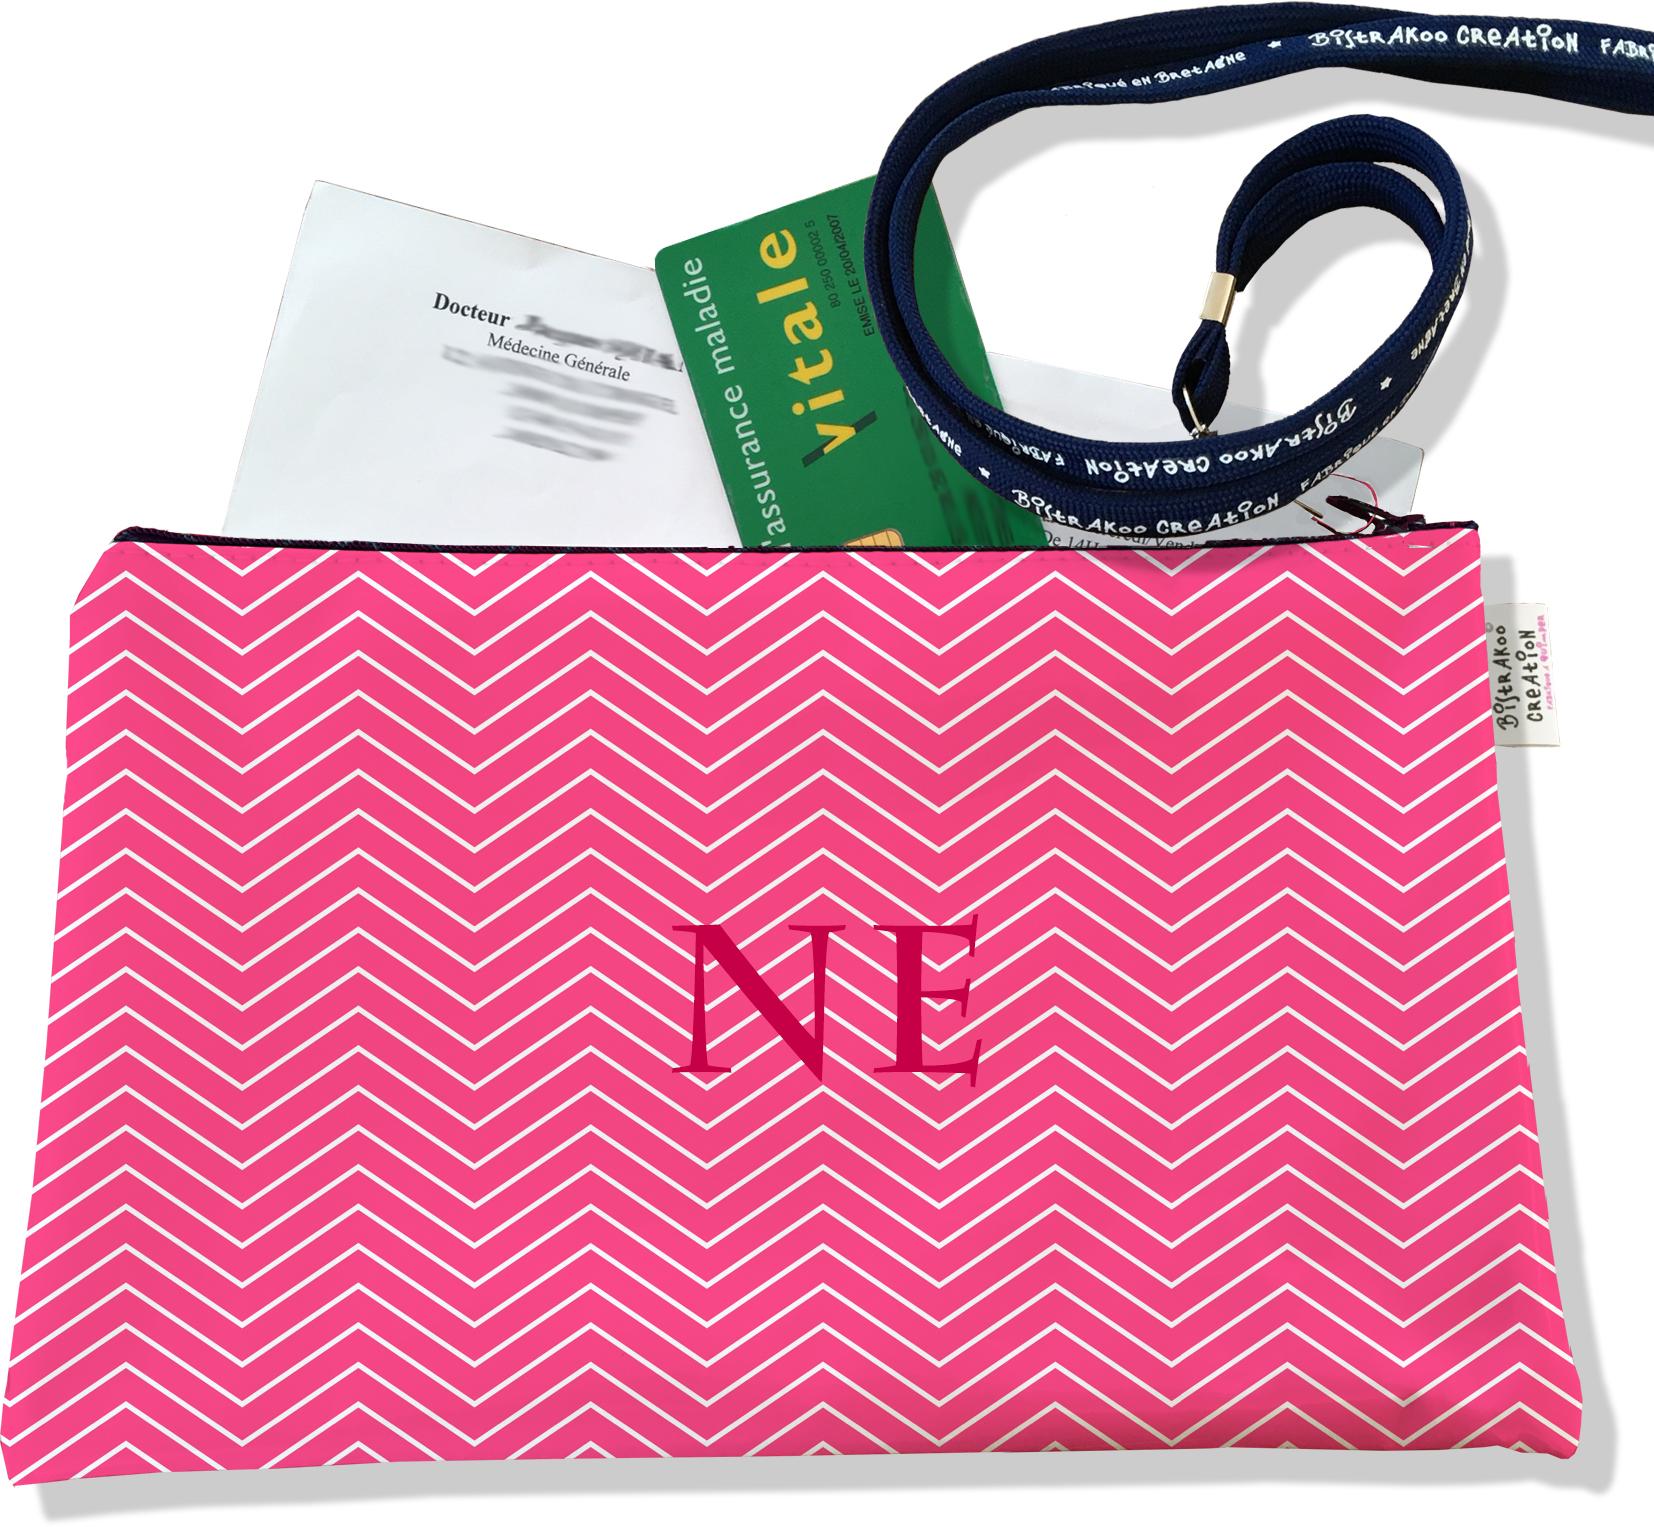 Porte ordonnances personnalisable zippé pour femme motif Chevrons